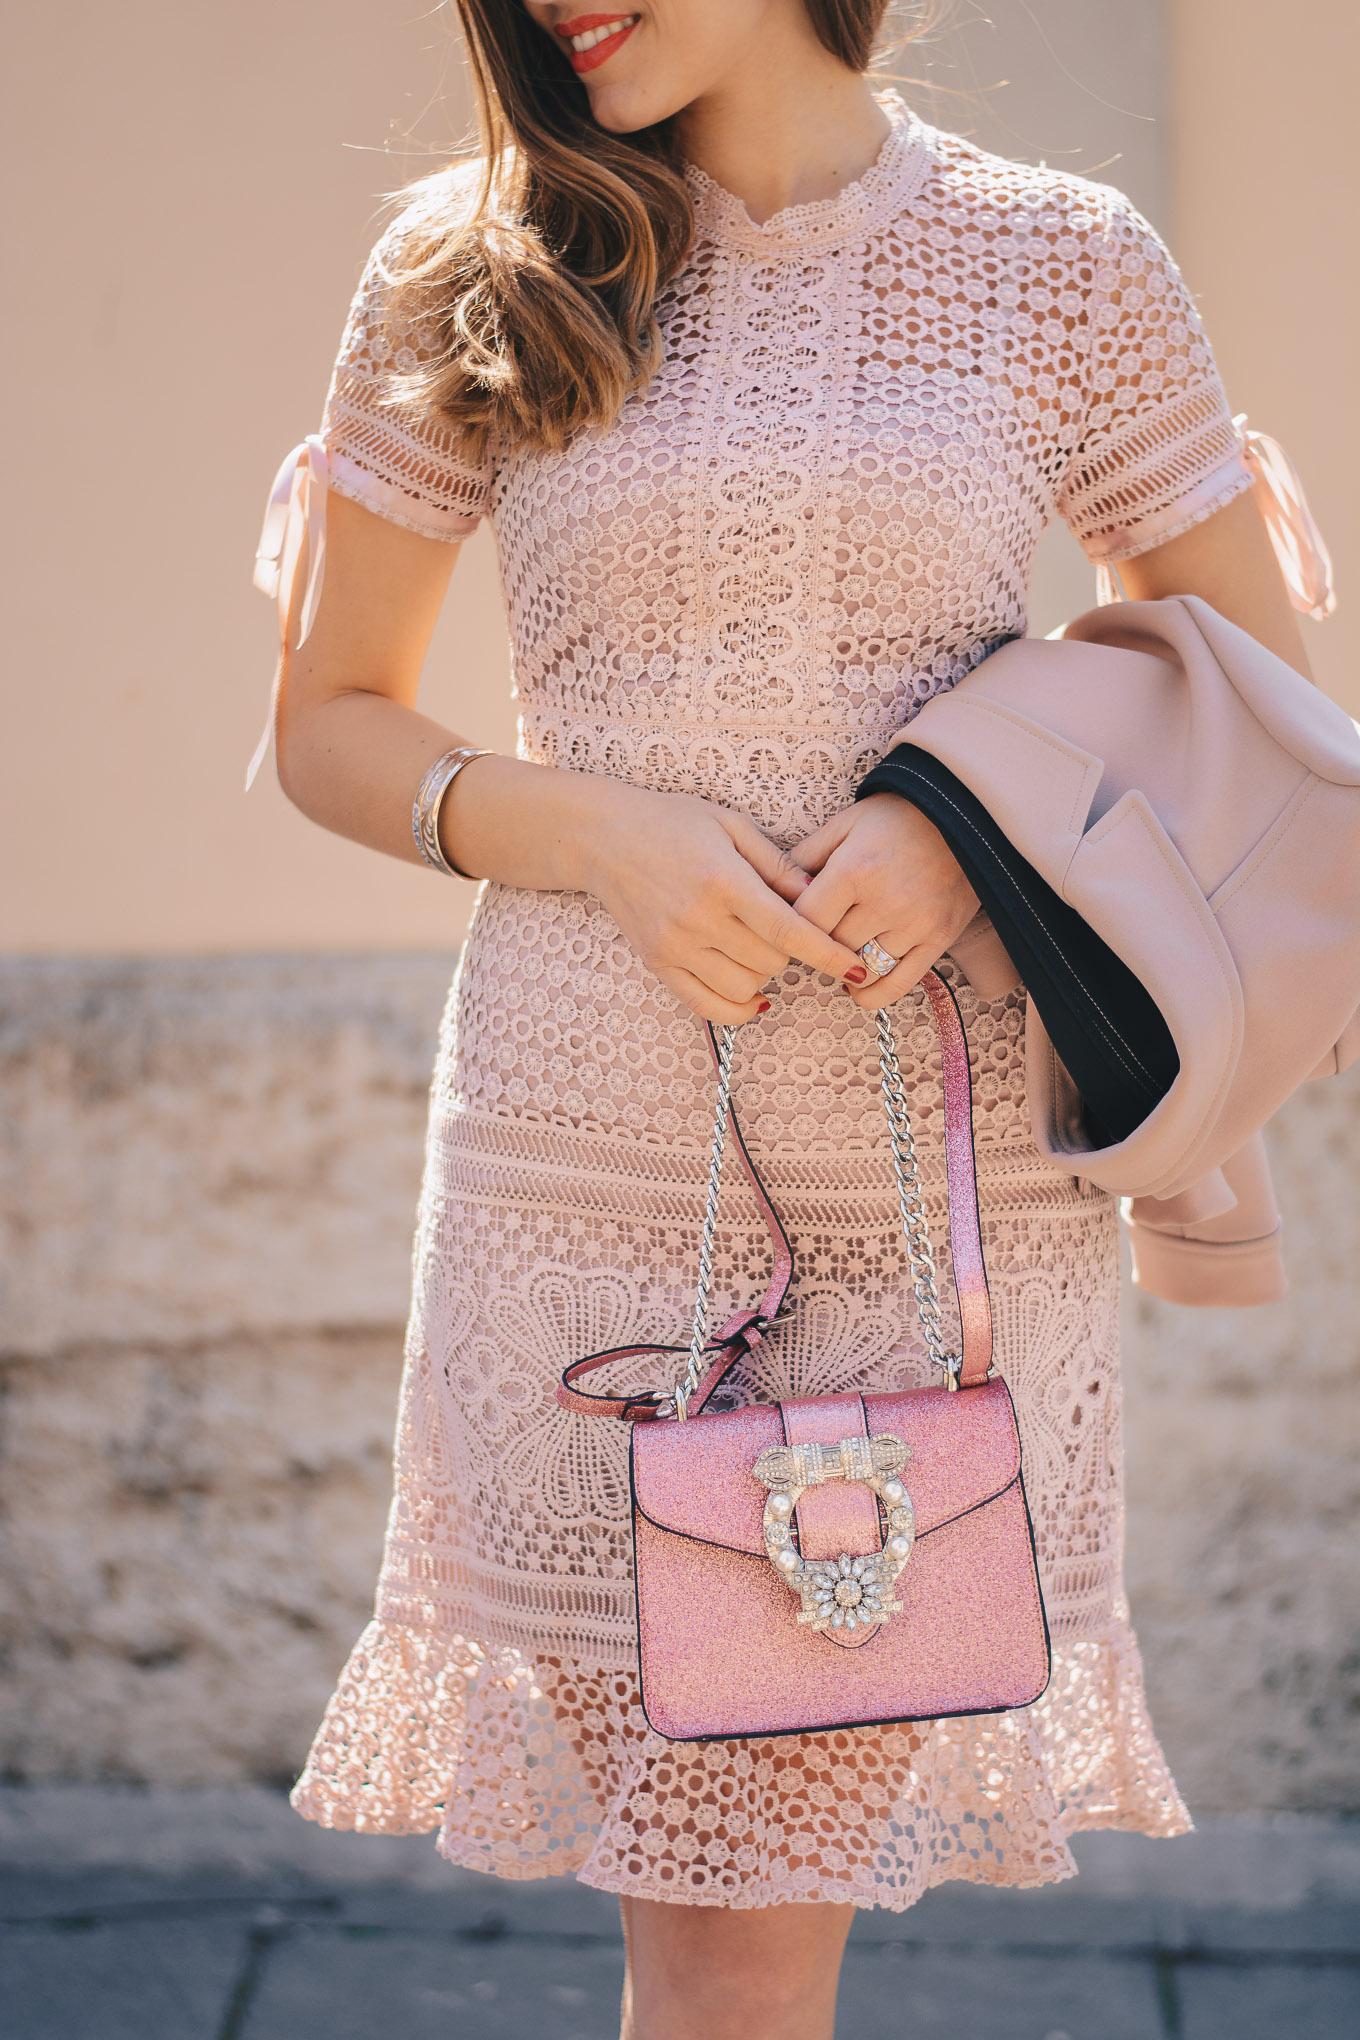 Pink humanic bag